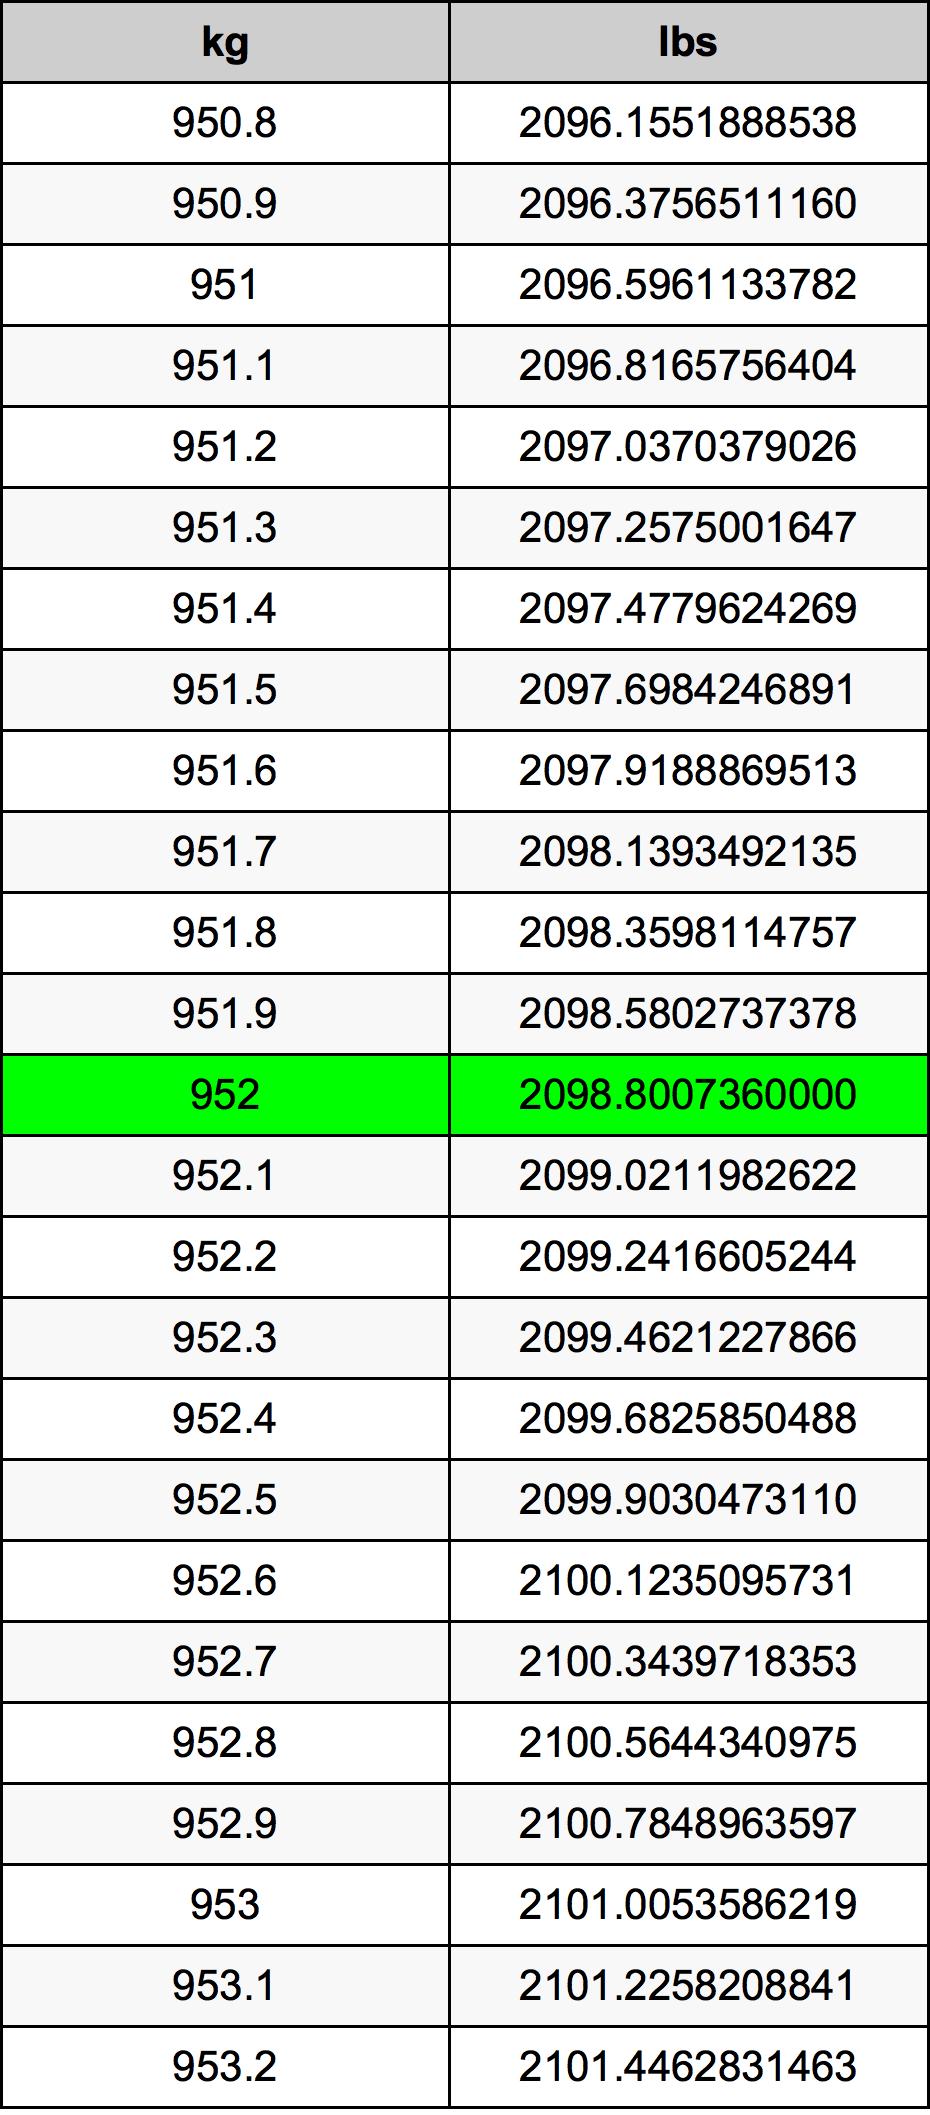 952 Kilogram Table